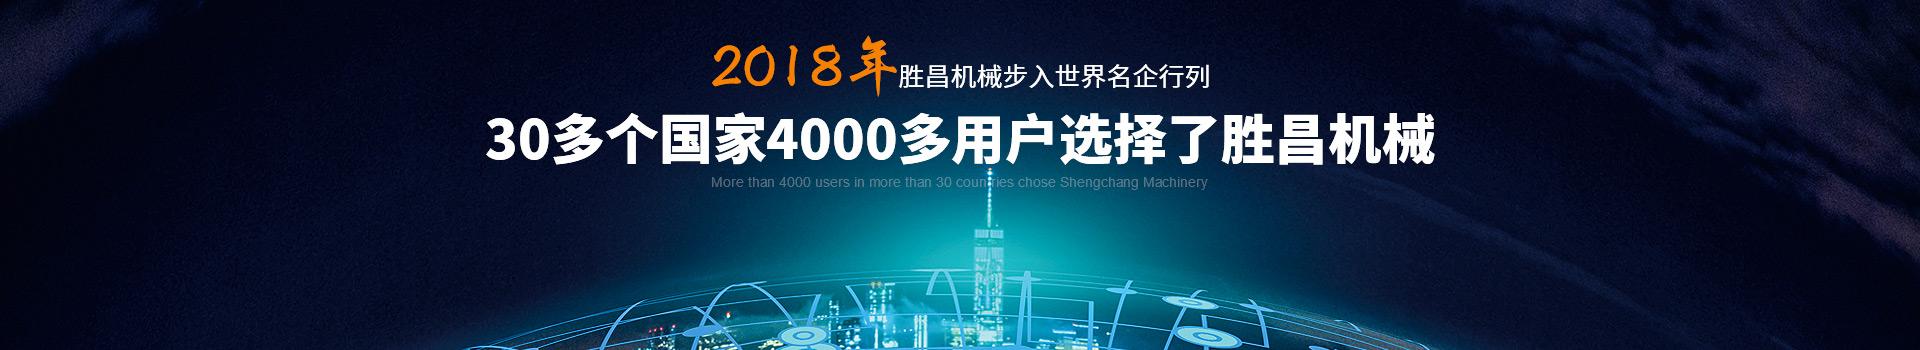 30多个国家4000多用户选择了胜昌机械